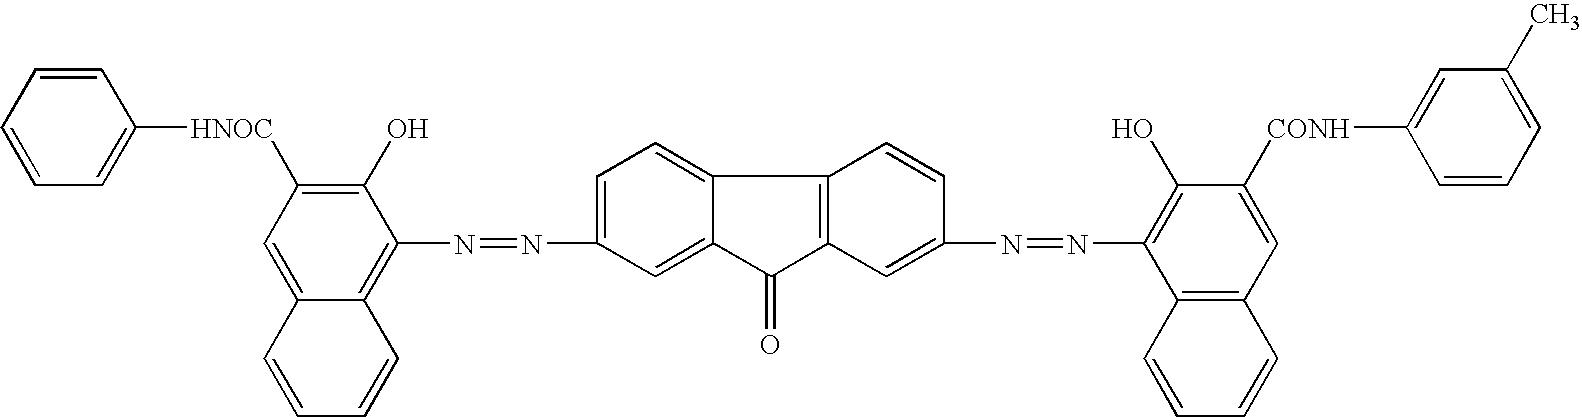 Figure US20070196749A1-20070823-C00054